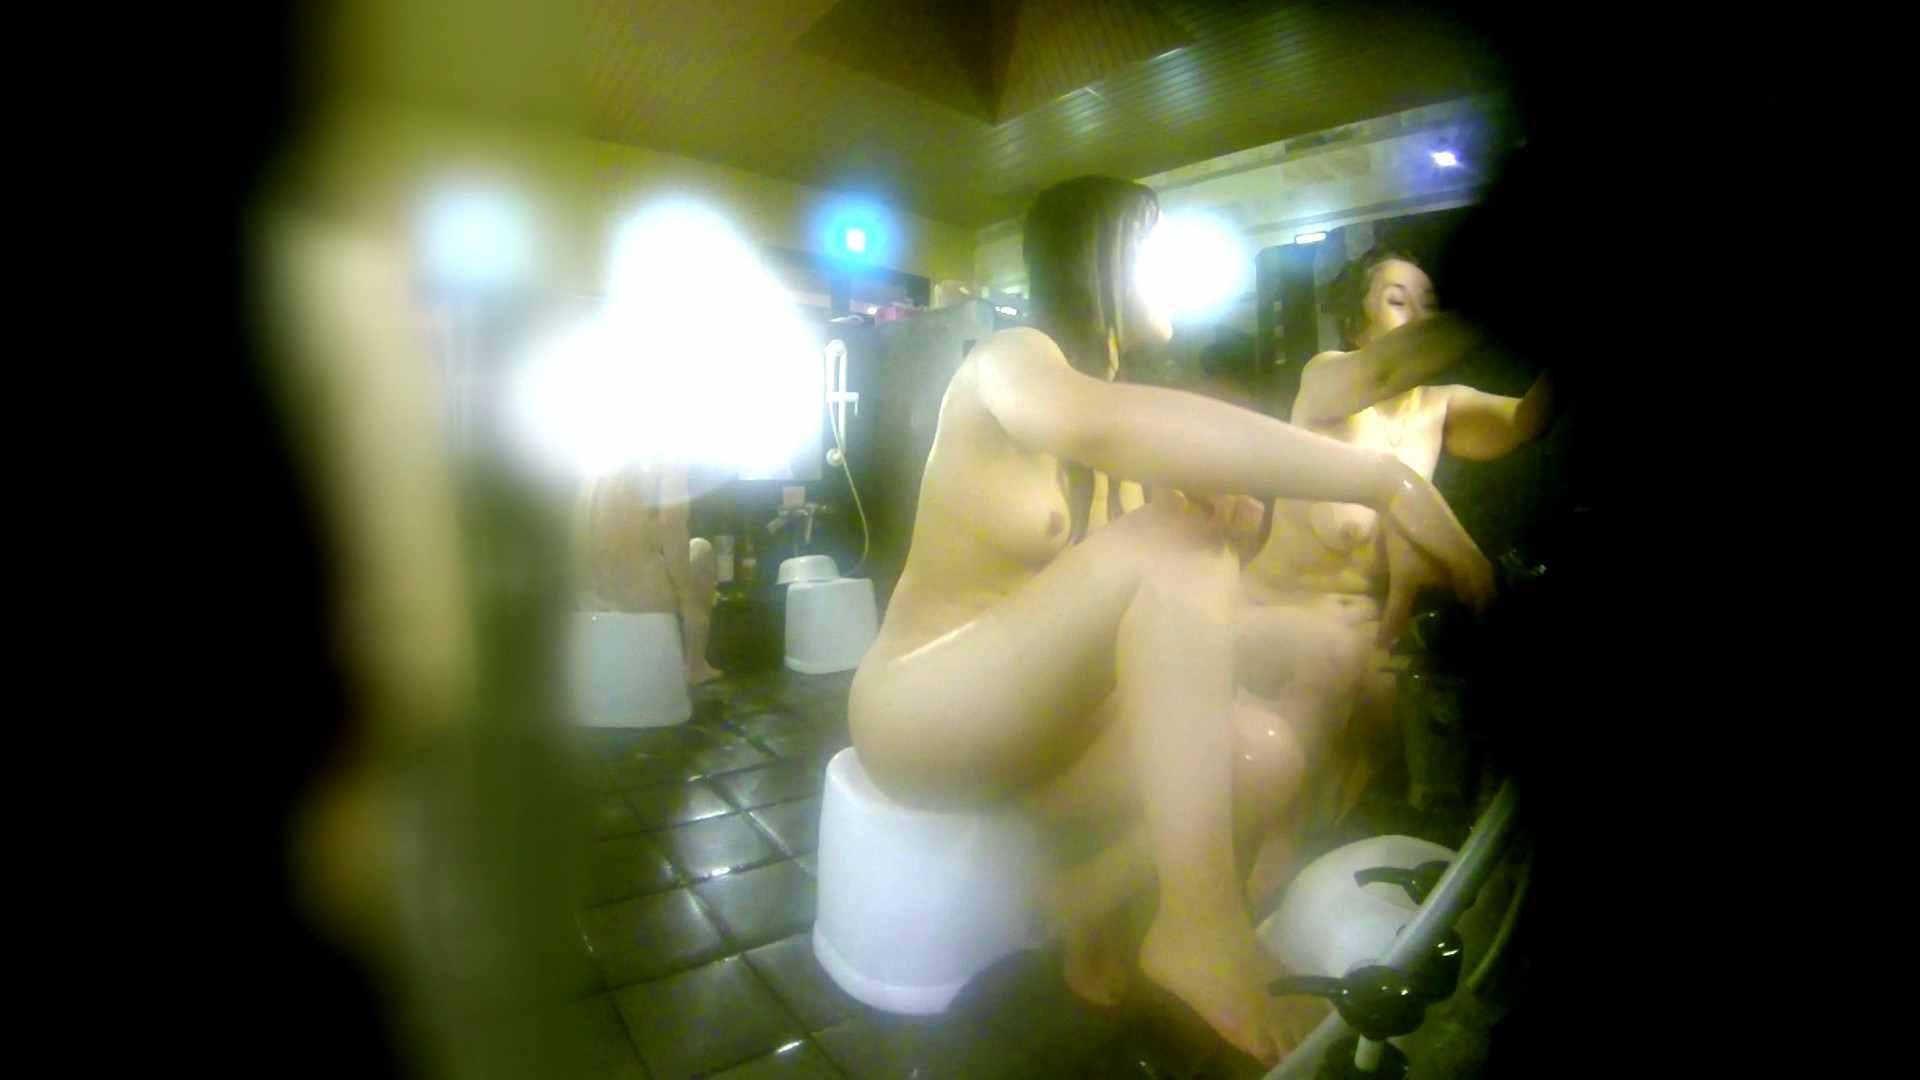 洗い場!右足の位置がいいですね。陰毛もっさり! 潜入 おまんこ動画流出 113pic 5